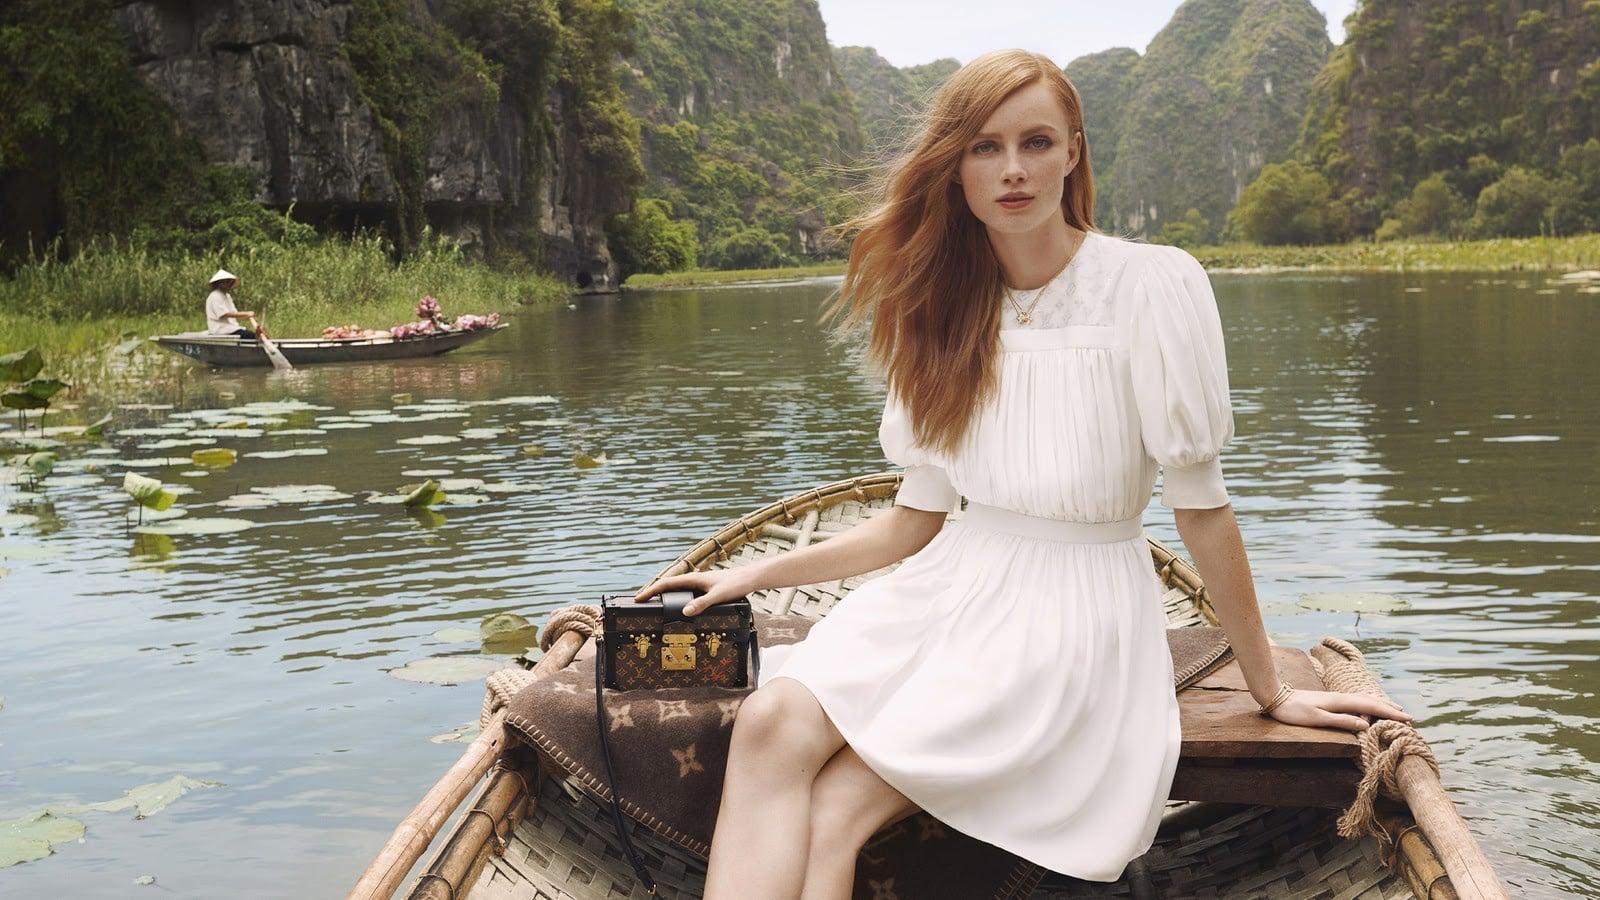 Louis Vuitton thực hiện chiến dịch 'The Spirit of Travel' tại Việt Nam